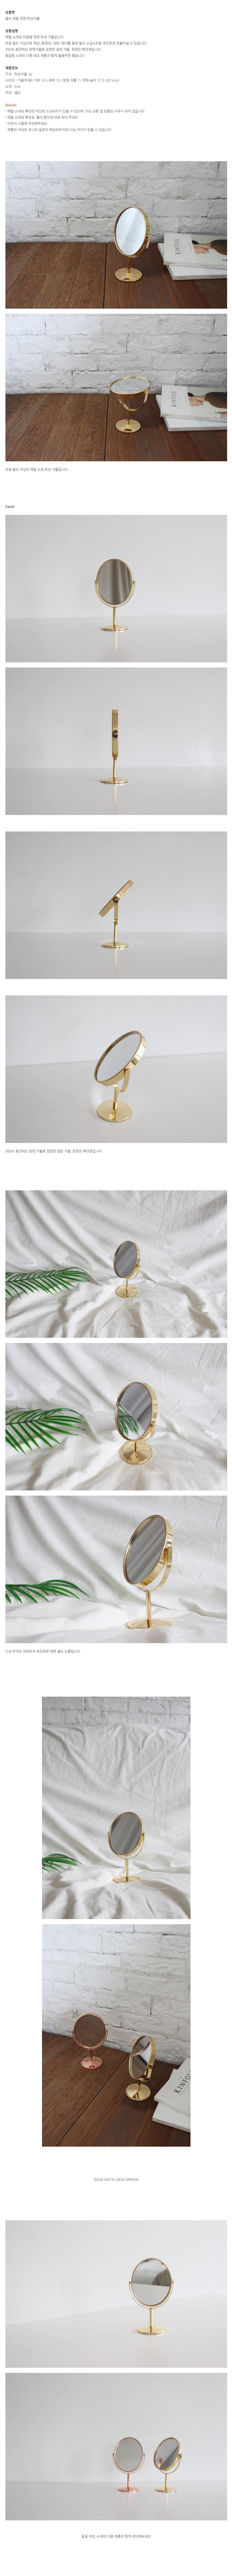 골드 메탈 양면 탁상거울 - 홈앳, 12,000원, 거울, 탁상거울